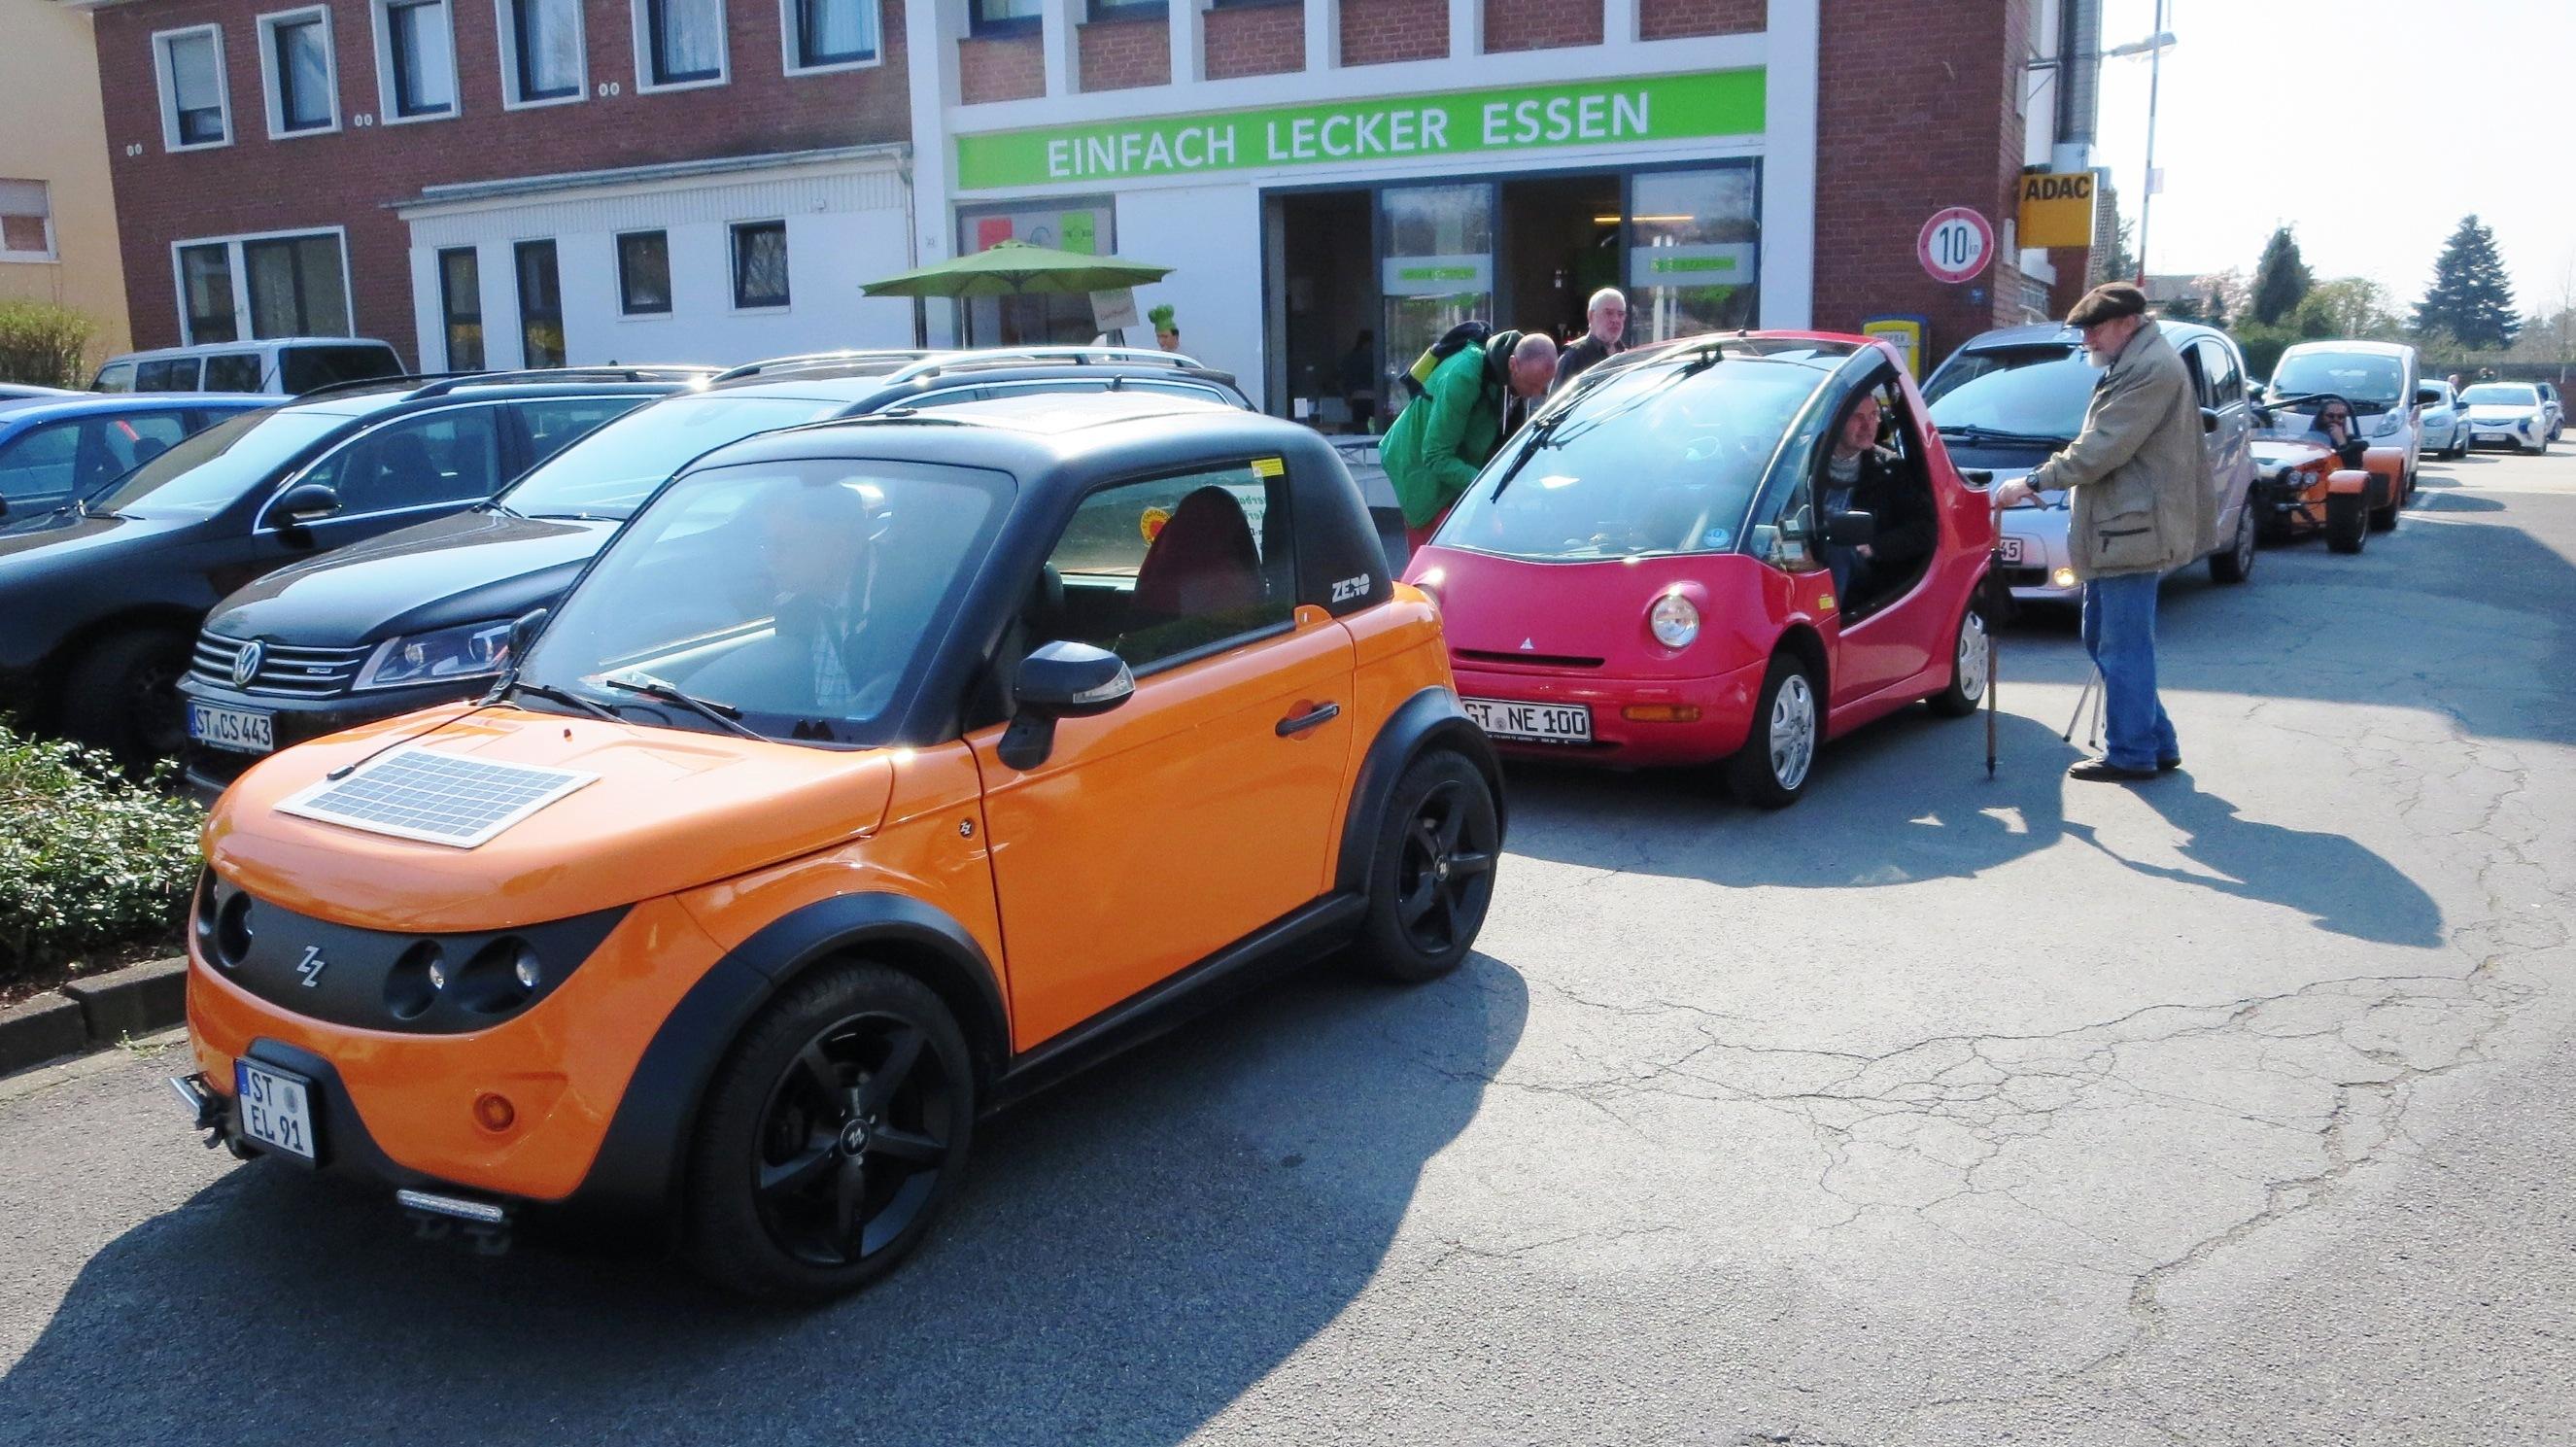 Elektroauto-Korso rund um das landschaftlich reizvolle Ibbenbüren im teutoburger Wald